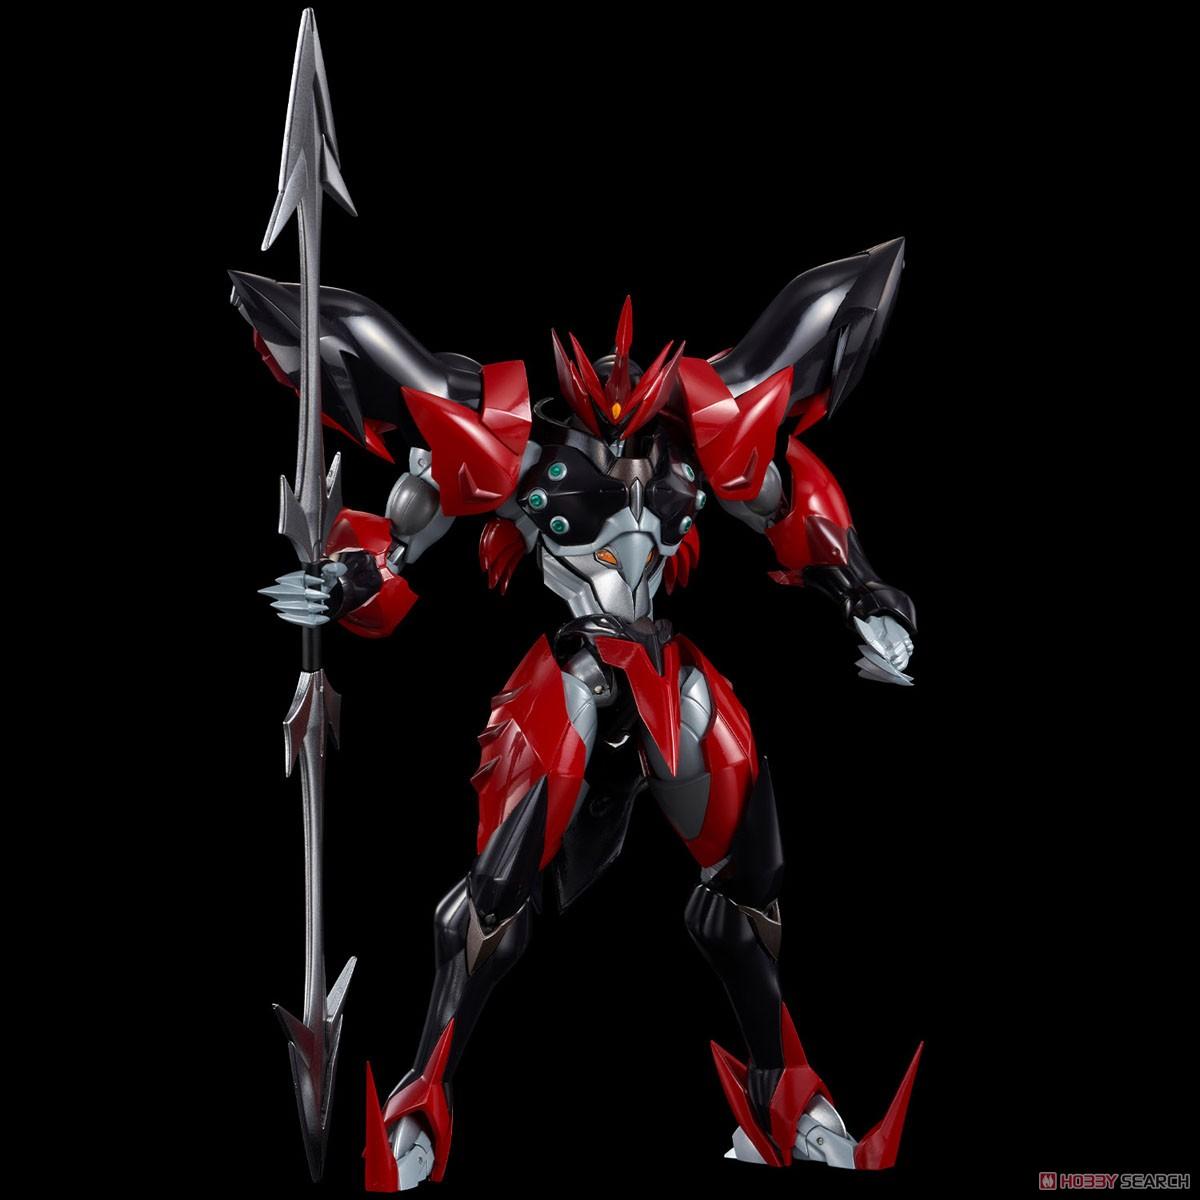 RIOBOT『テッカマンエビル』宇宙の騎士テッカマンブレード 可動フィギュア-001